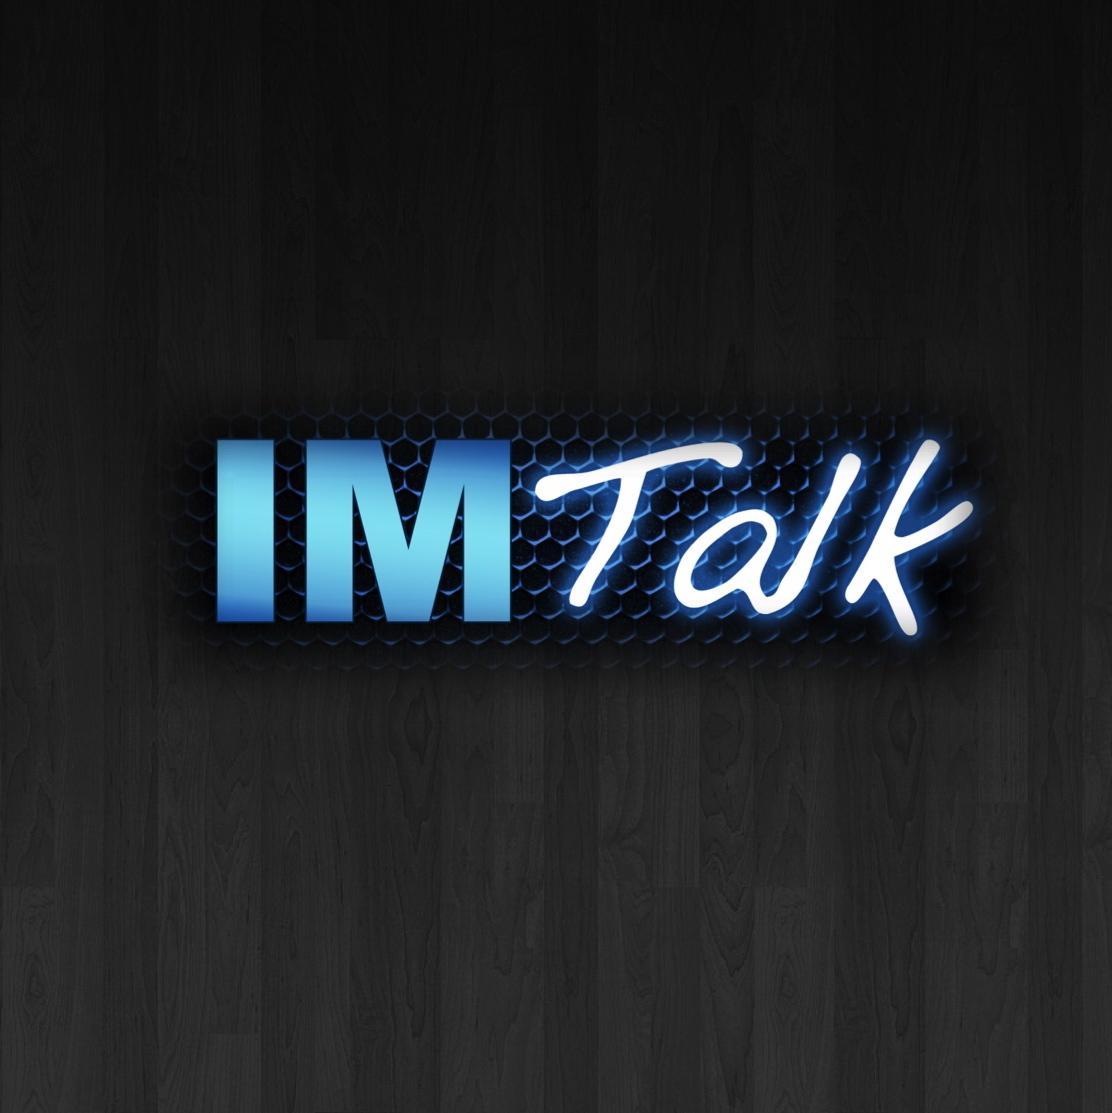 IMTalk Episode 738 - Khloe Healy show art